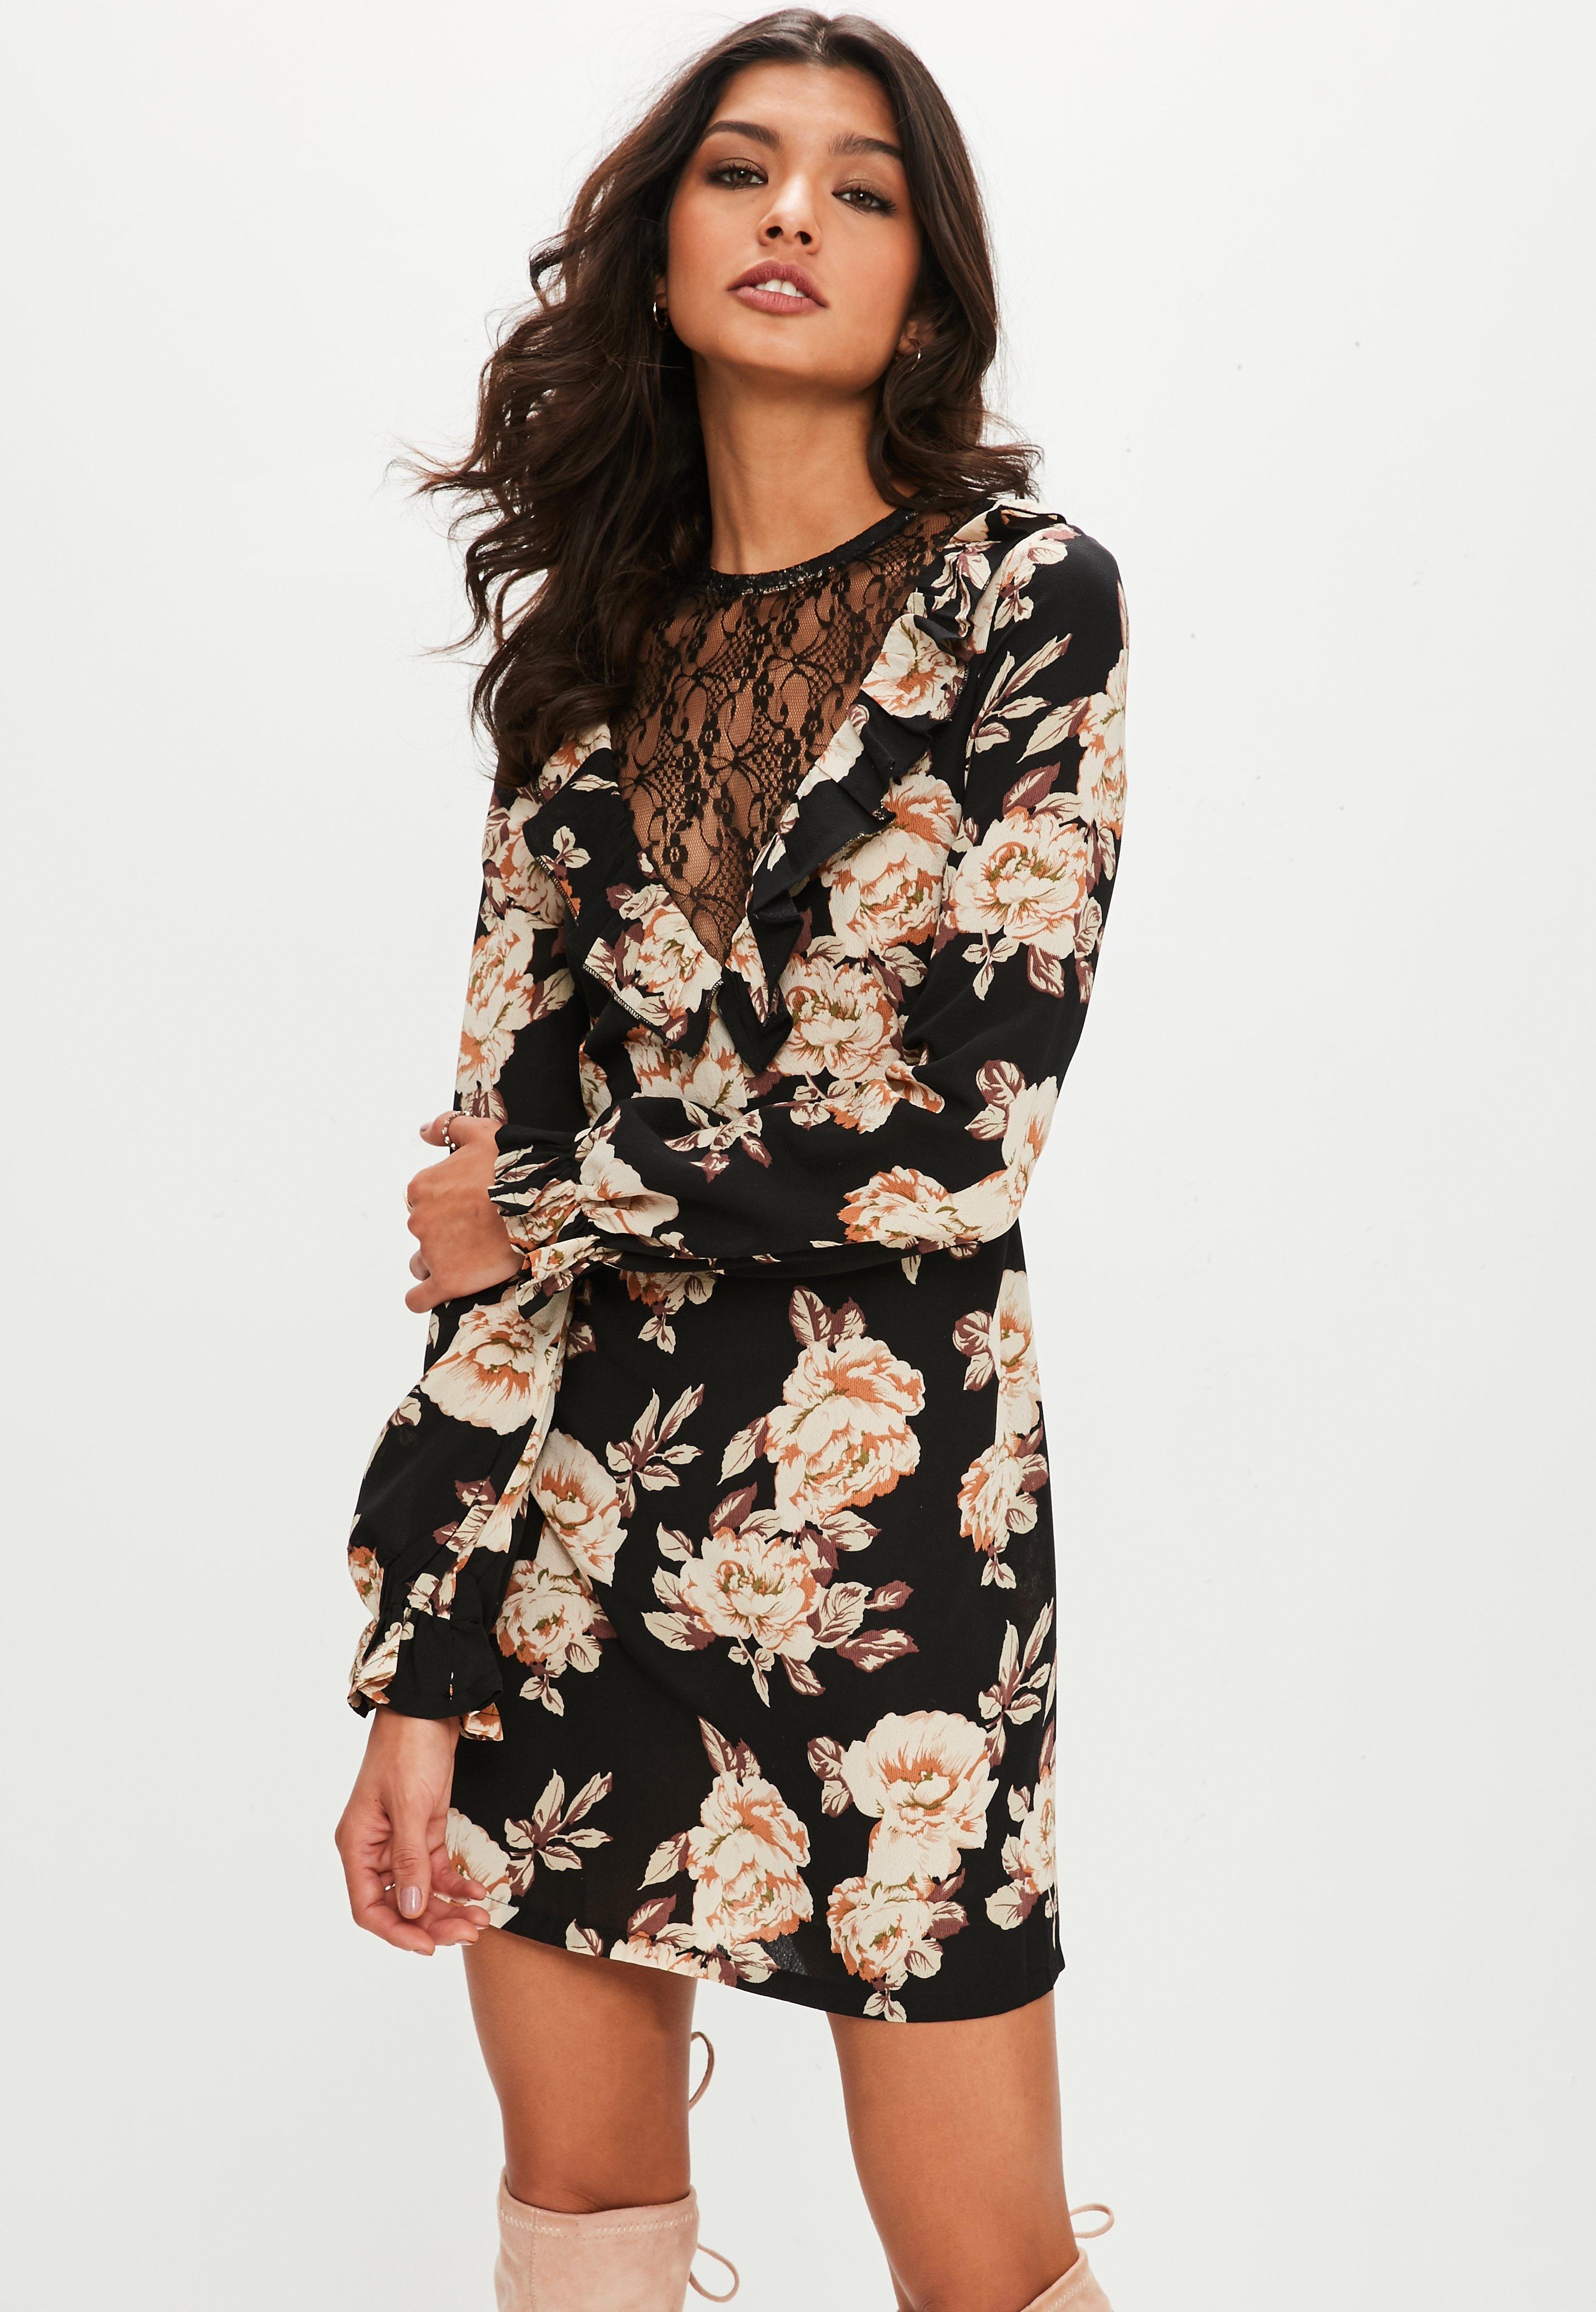 Black long lace dresses